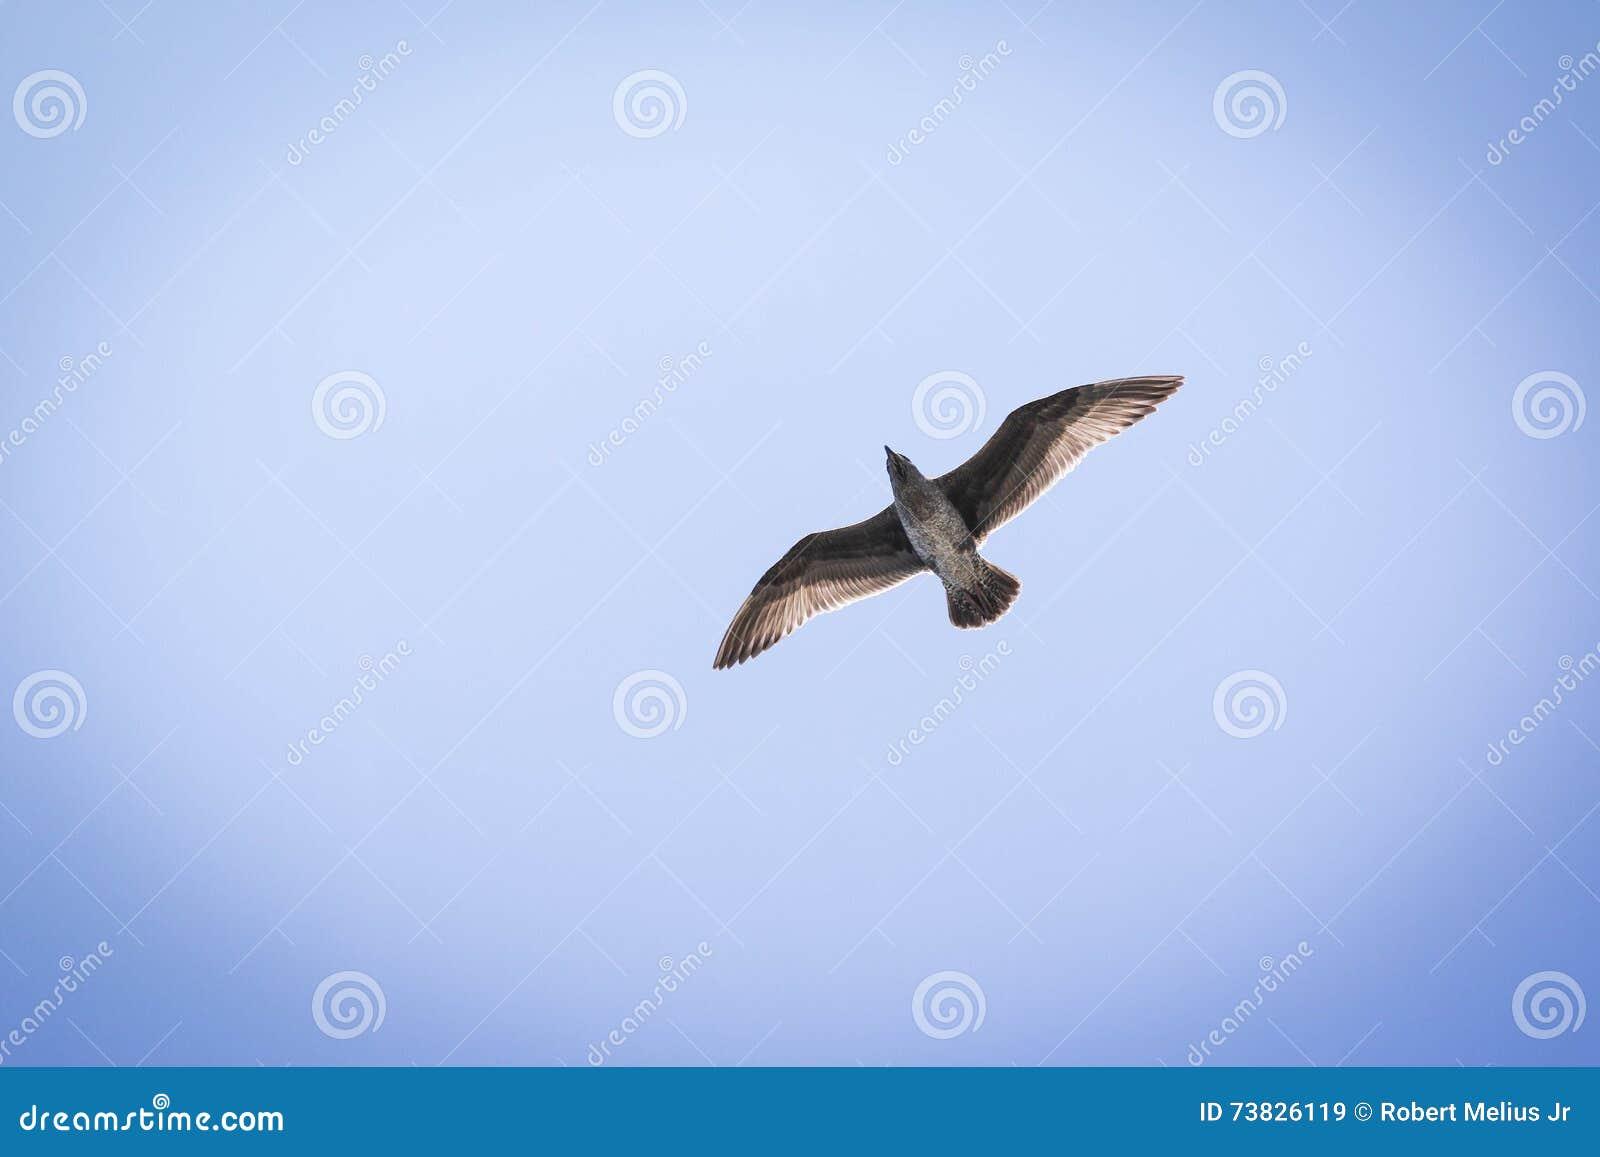 Mouette en vol contre un ciel bleu avec la lumière du soleil par des plumes